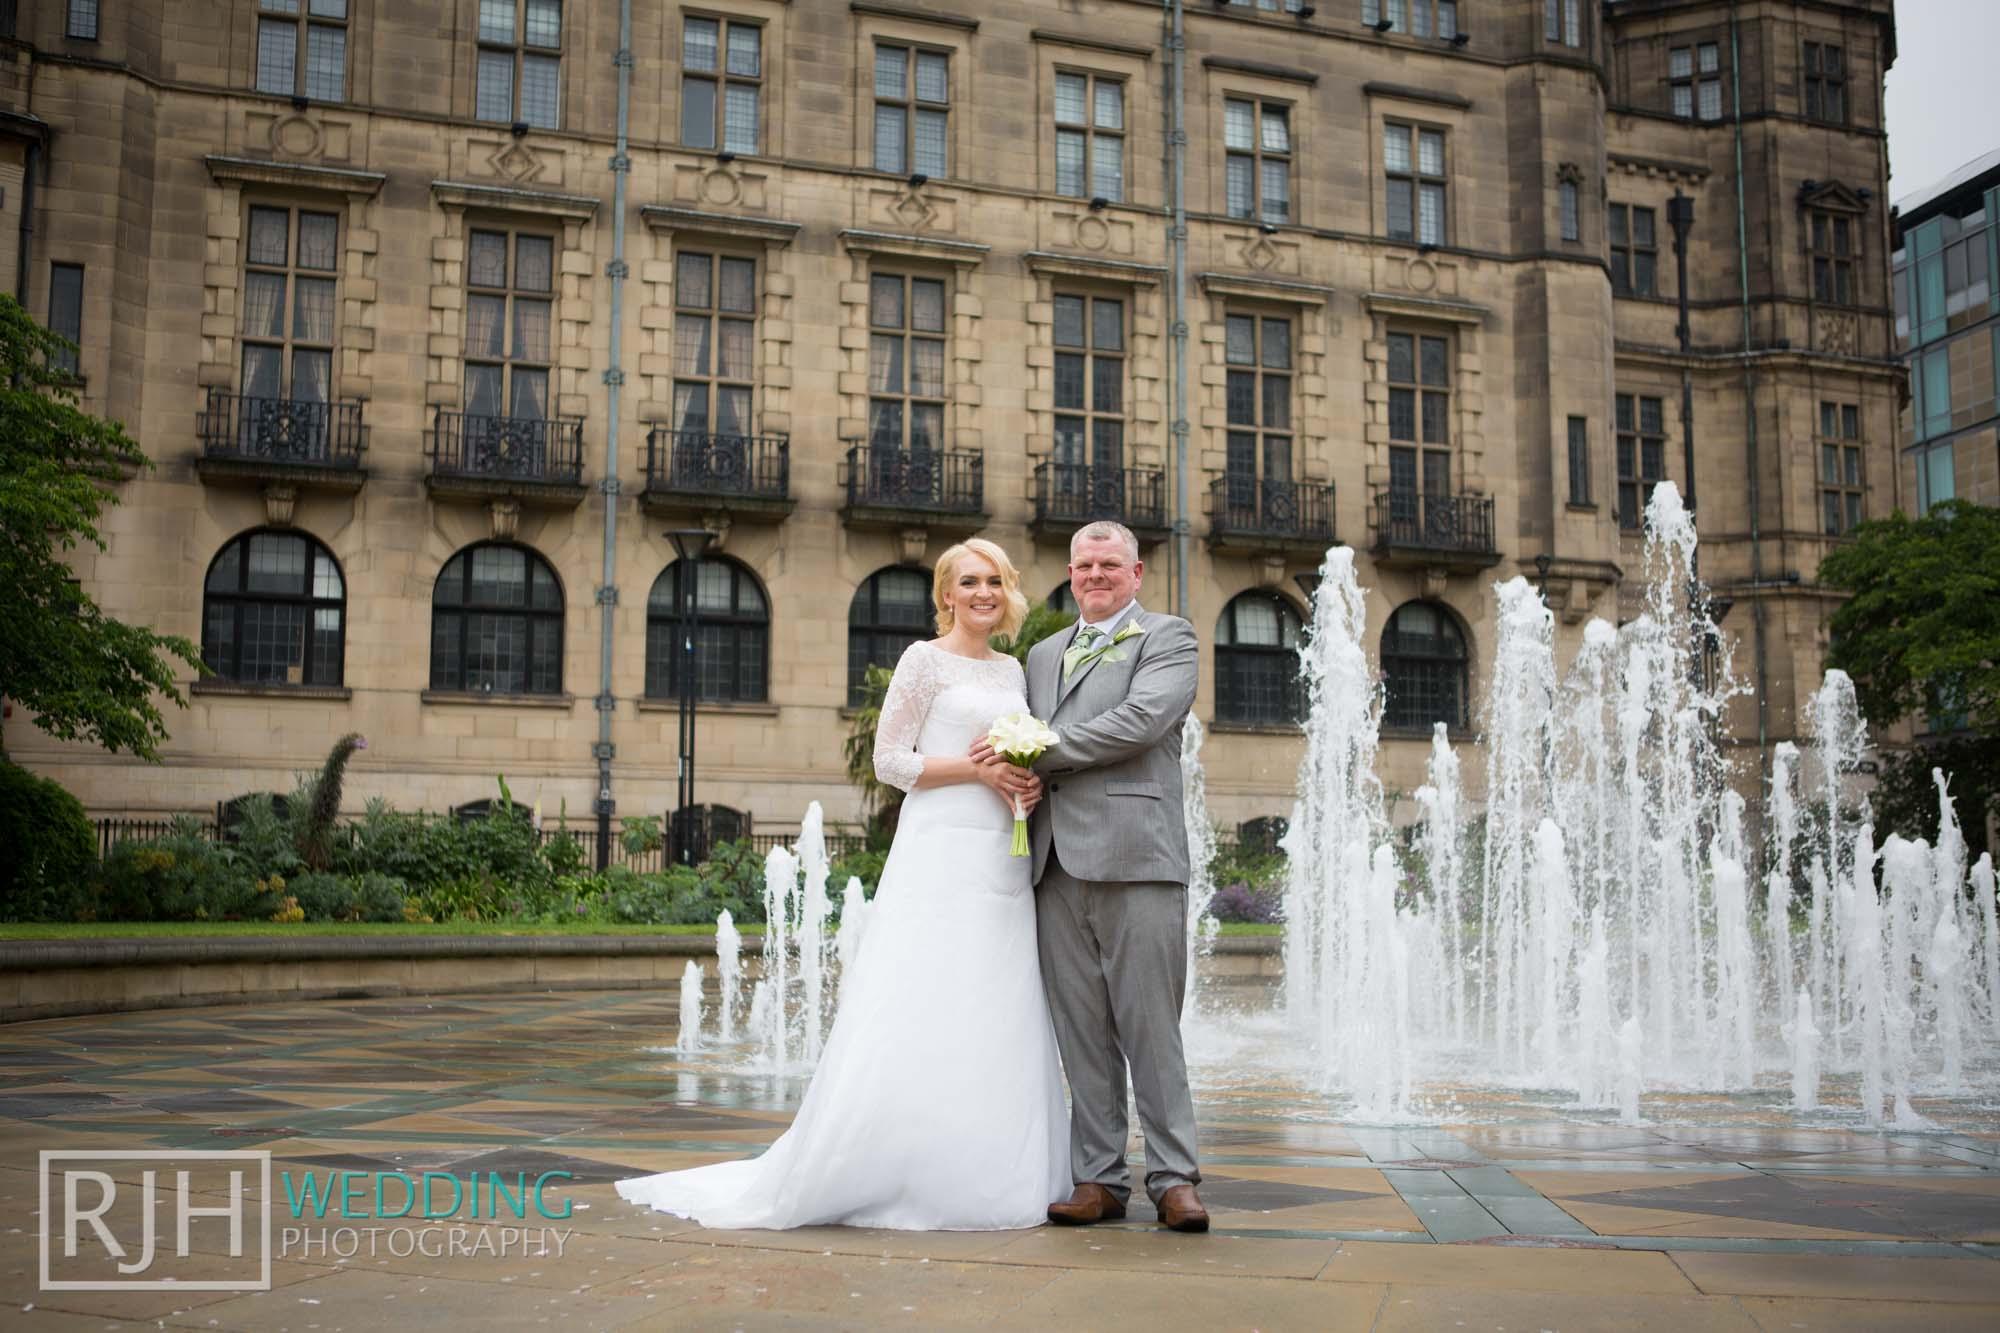 Sheffield City Hall_Ellis Wedding_325_3C2A3721.jpg